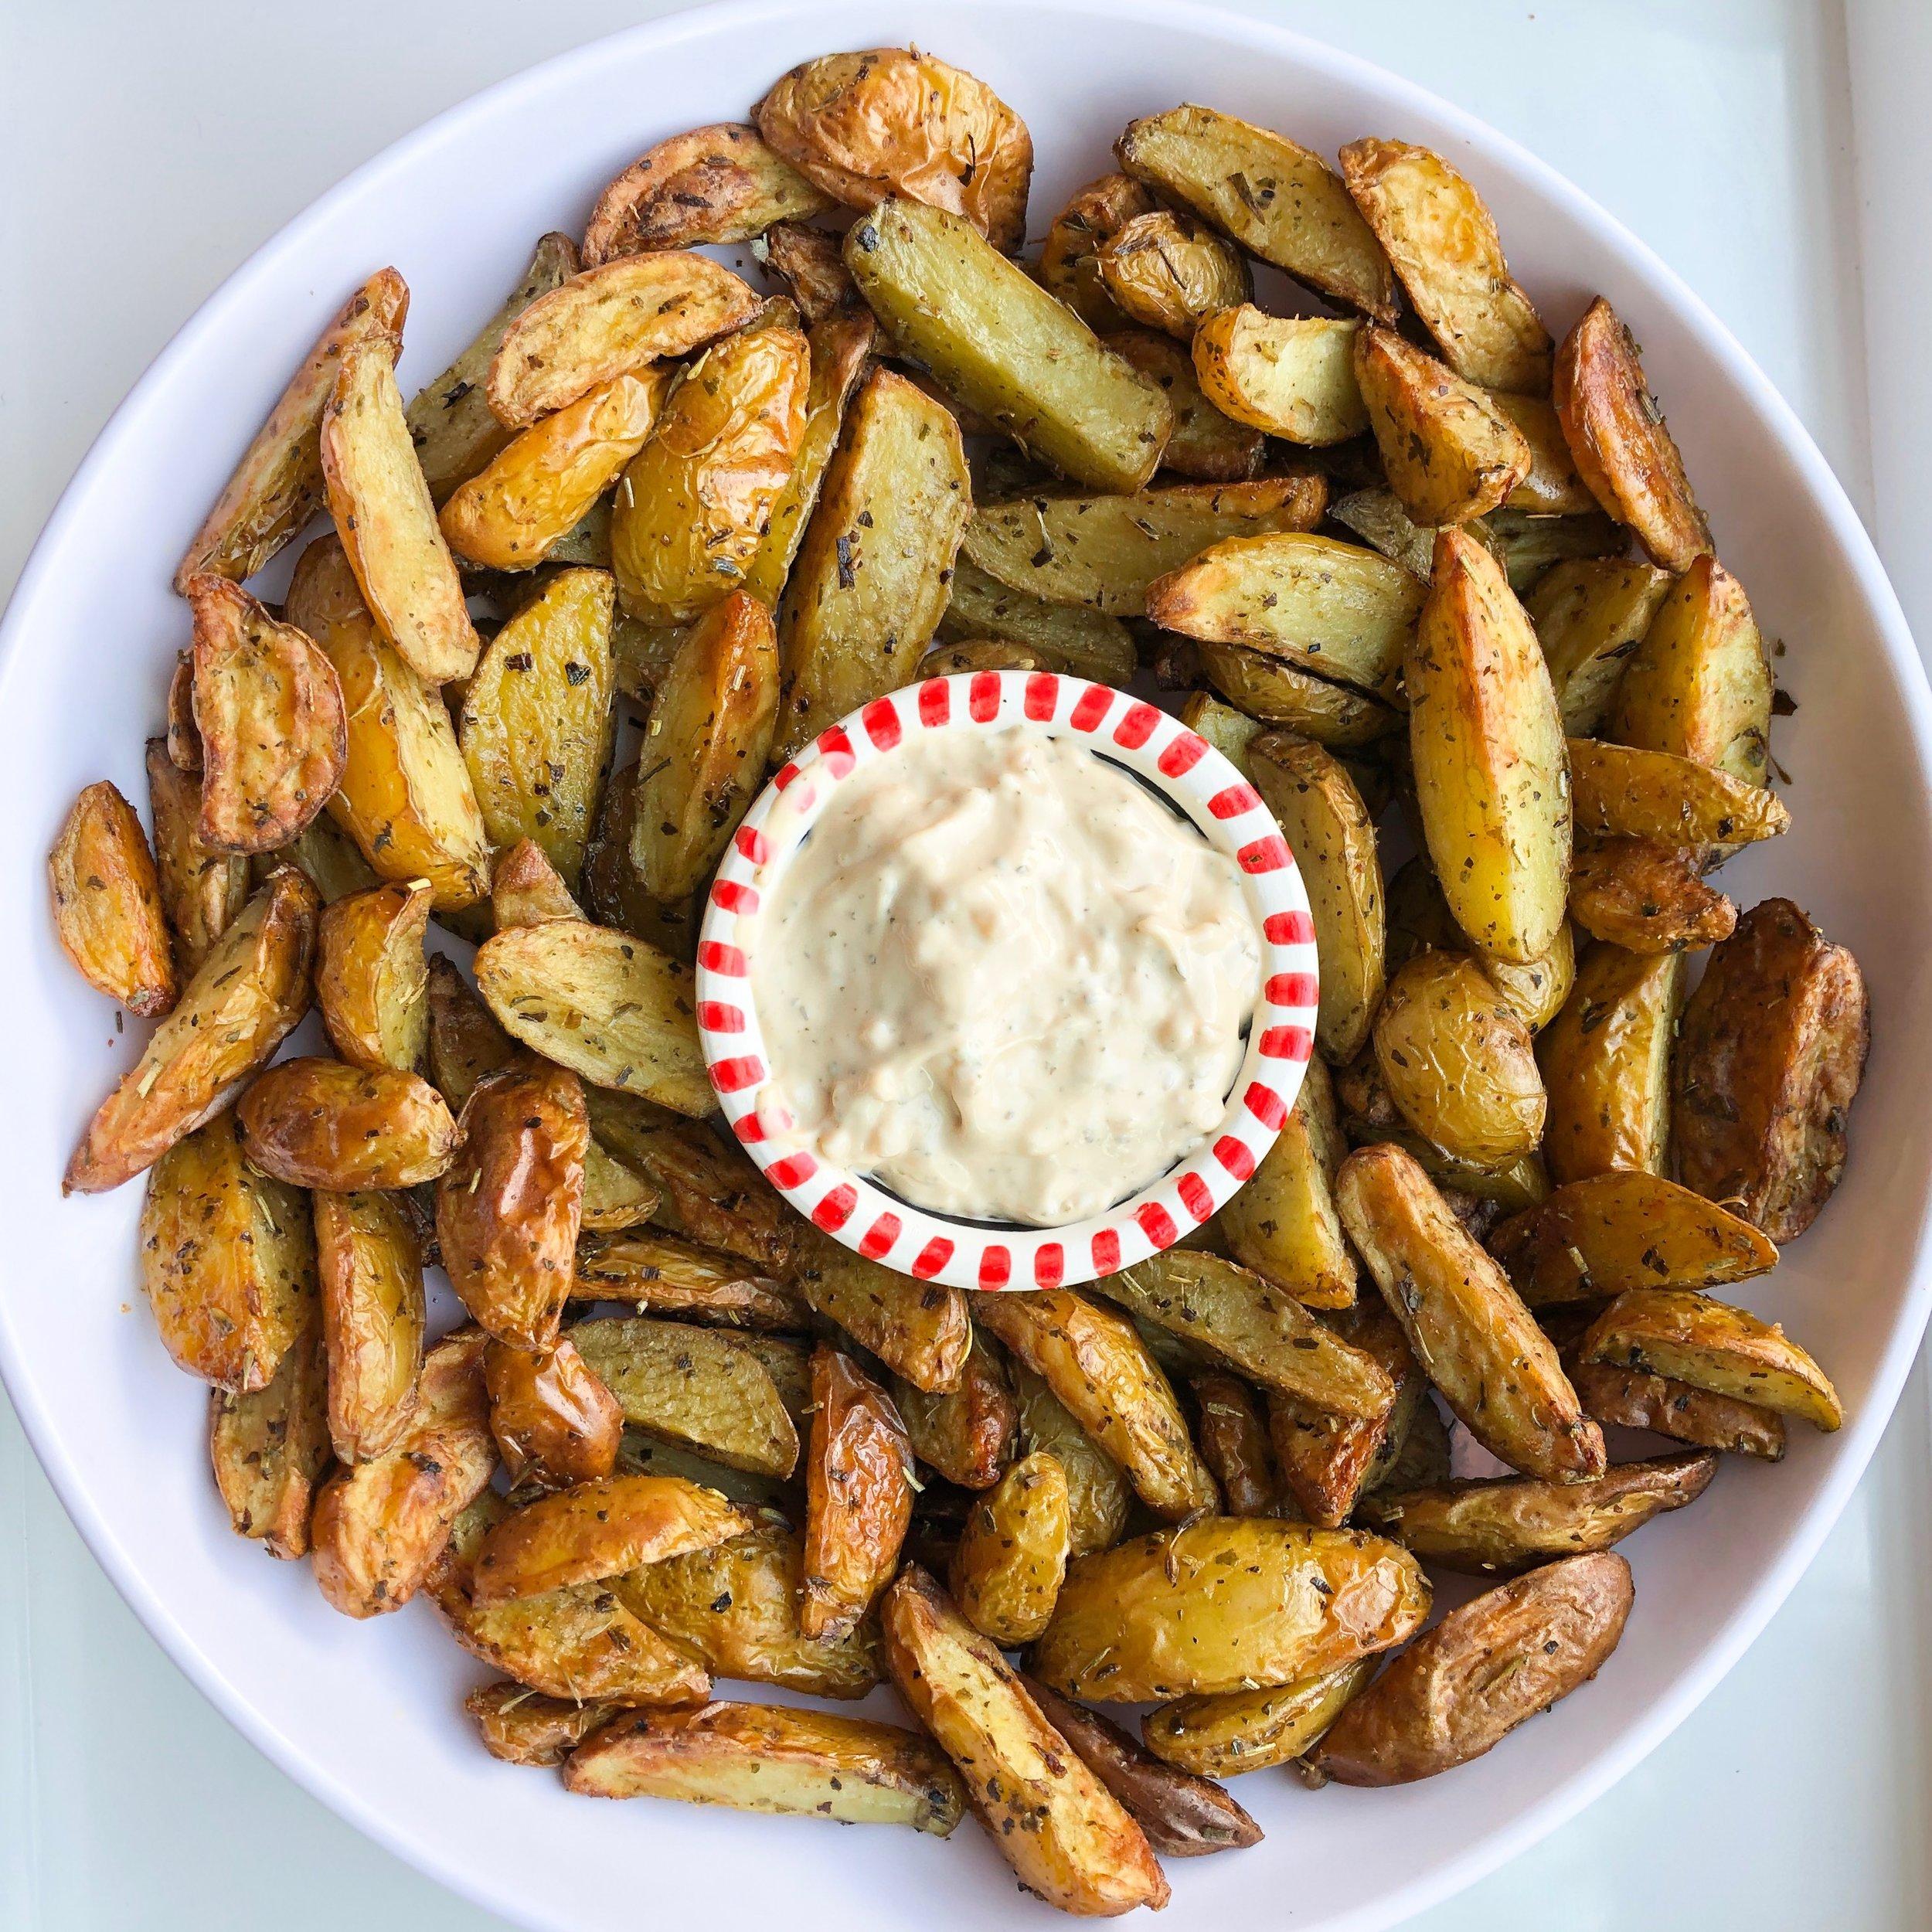 Rosemary Garlic Potato Wedges - Vegan, Dairy-Free, Gluten-Free (optional)